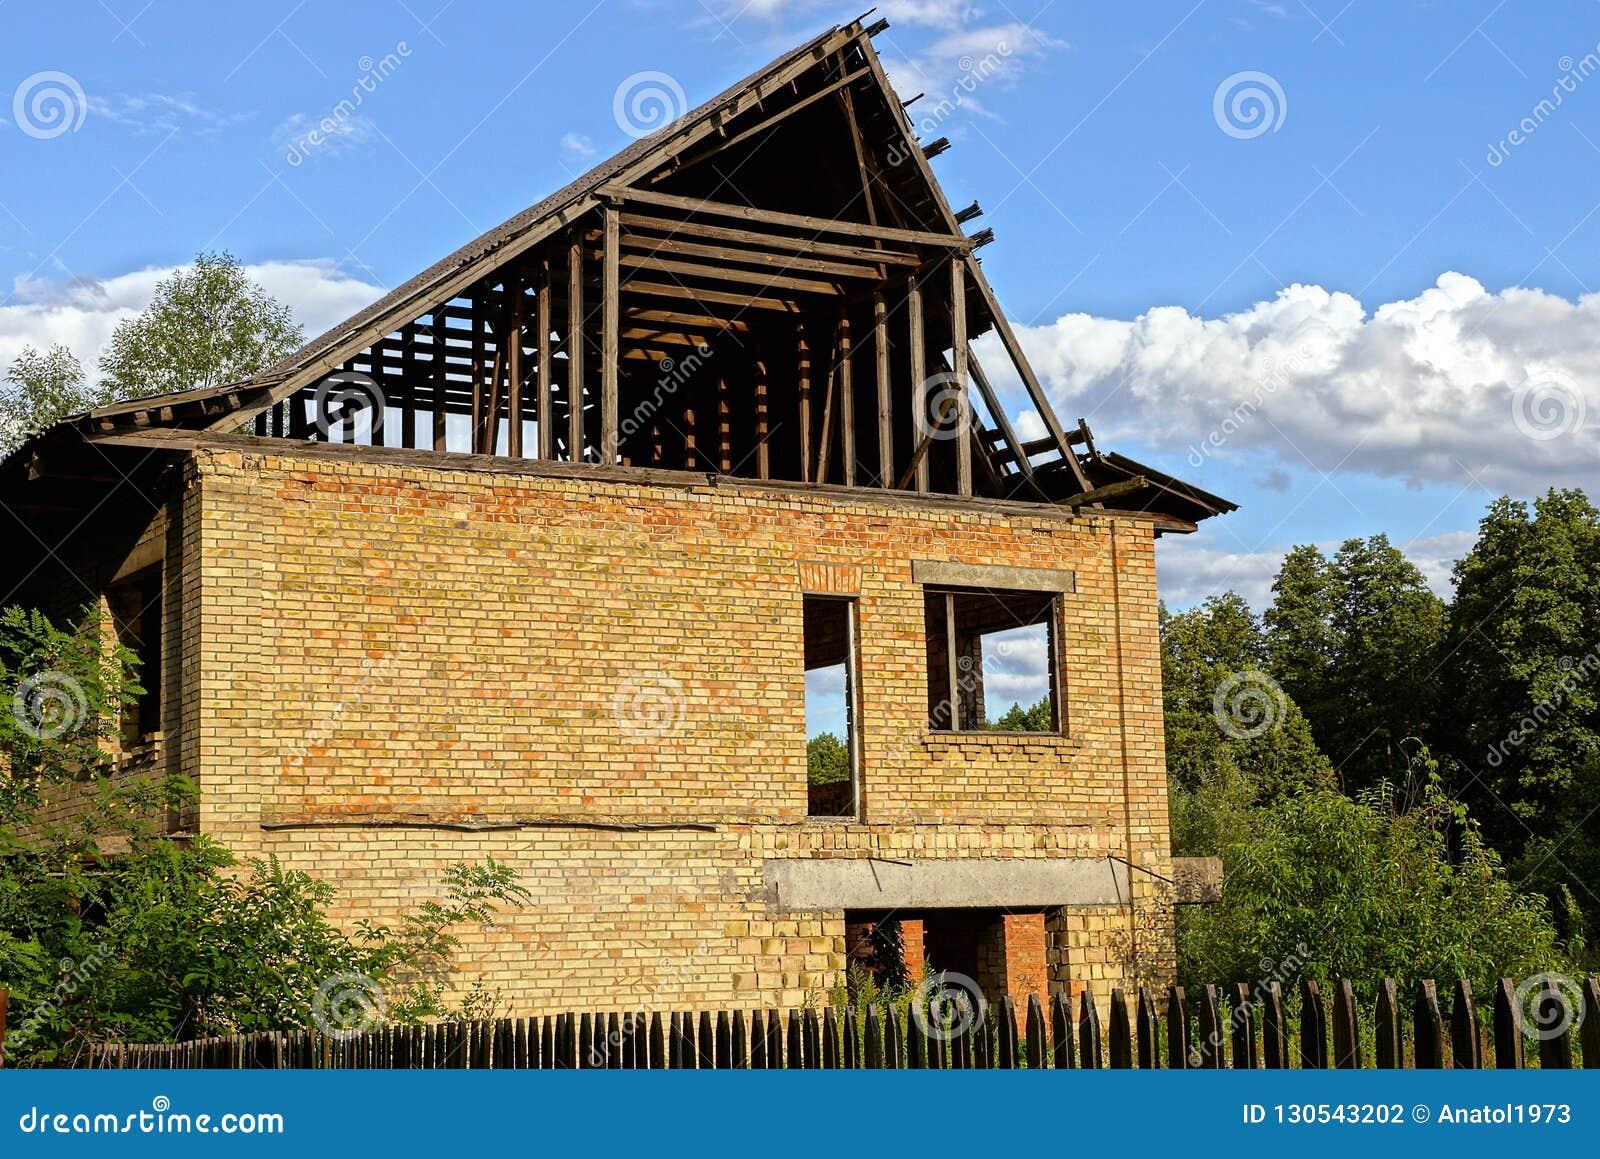 Casa non finita del mattone marrone e del tetto di legno fra gli alberi verdi dietro il recinto